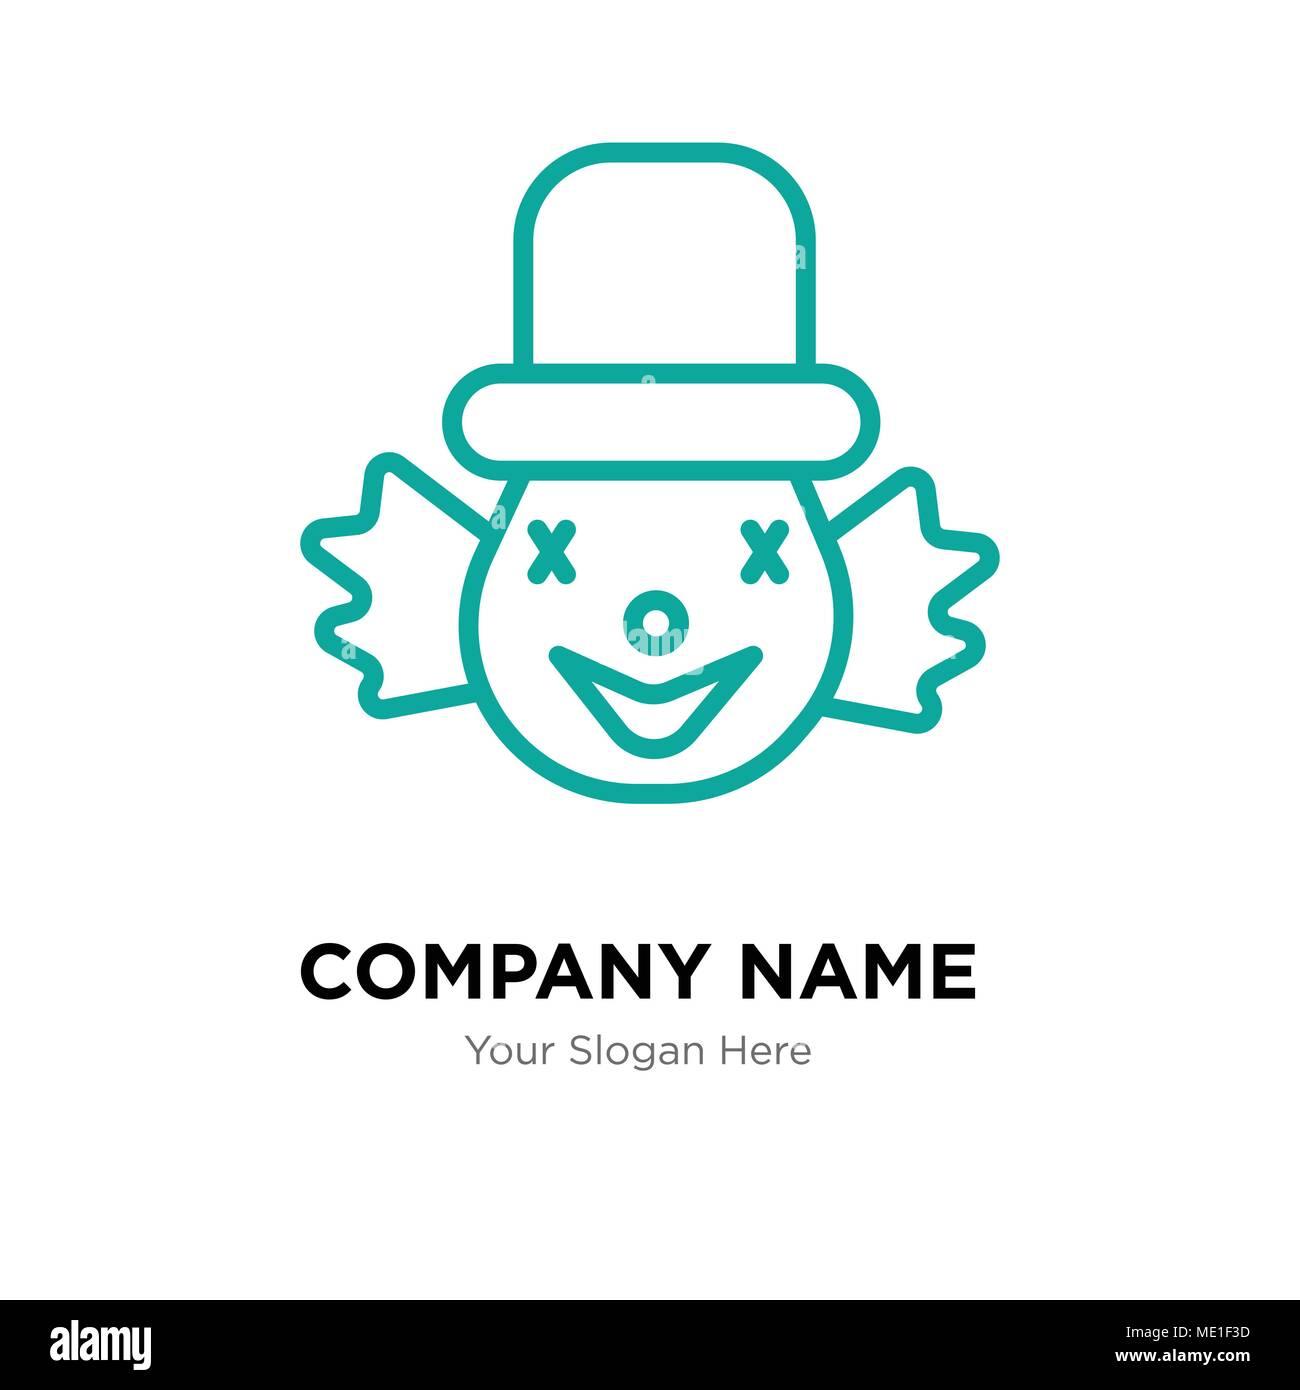 Clown Company Logo Design Template, Business corporate Vektor icon ...